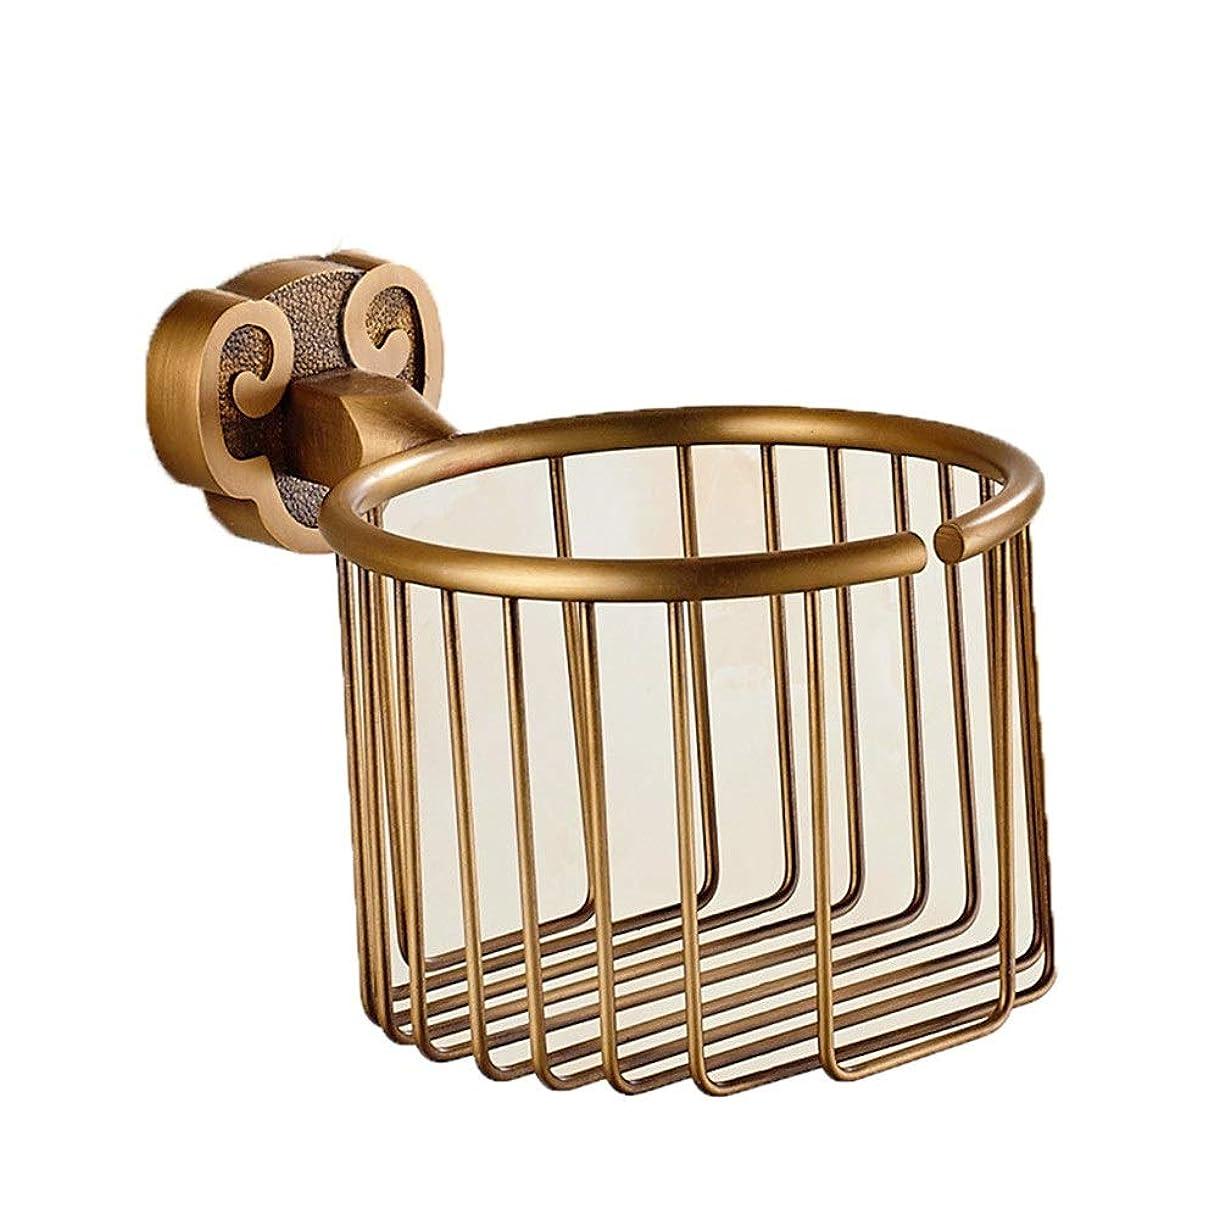 贅沢なはぁロッカーペーパータオルホルダー 骨董品の真鍮の浴室の壁に取り付けられたペーパーホールダーは化粧品の石鹸のバスケットのホールダーを切り分けました フック (色 : ブロンズ, サイズ : ワンサイズ)